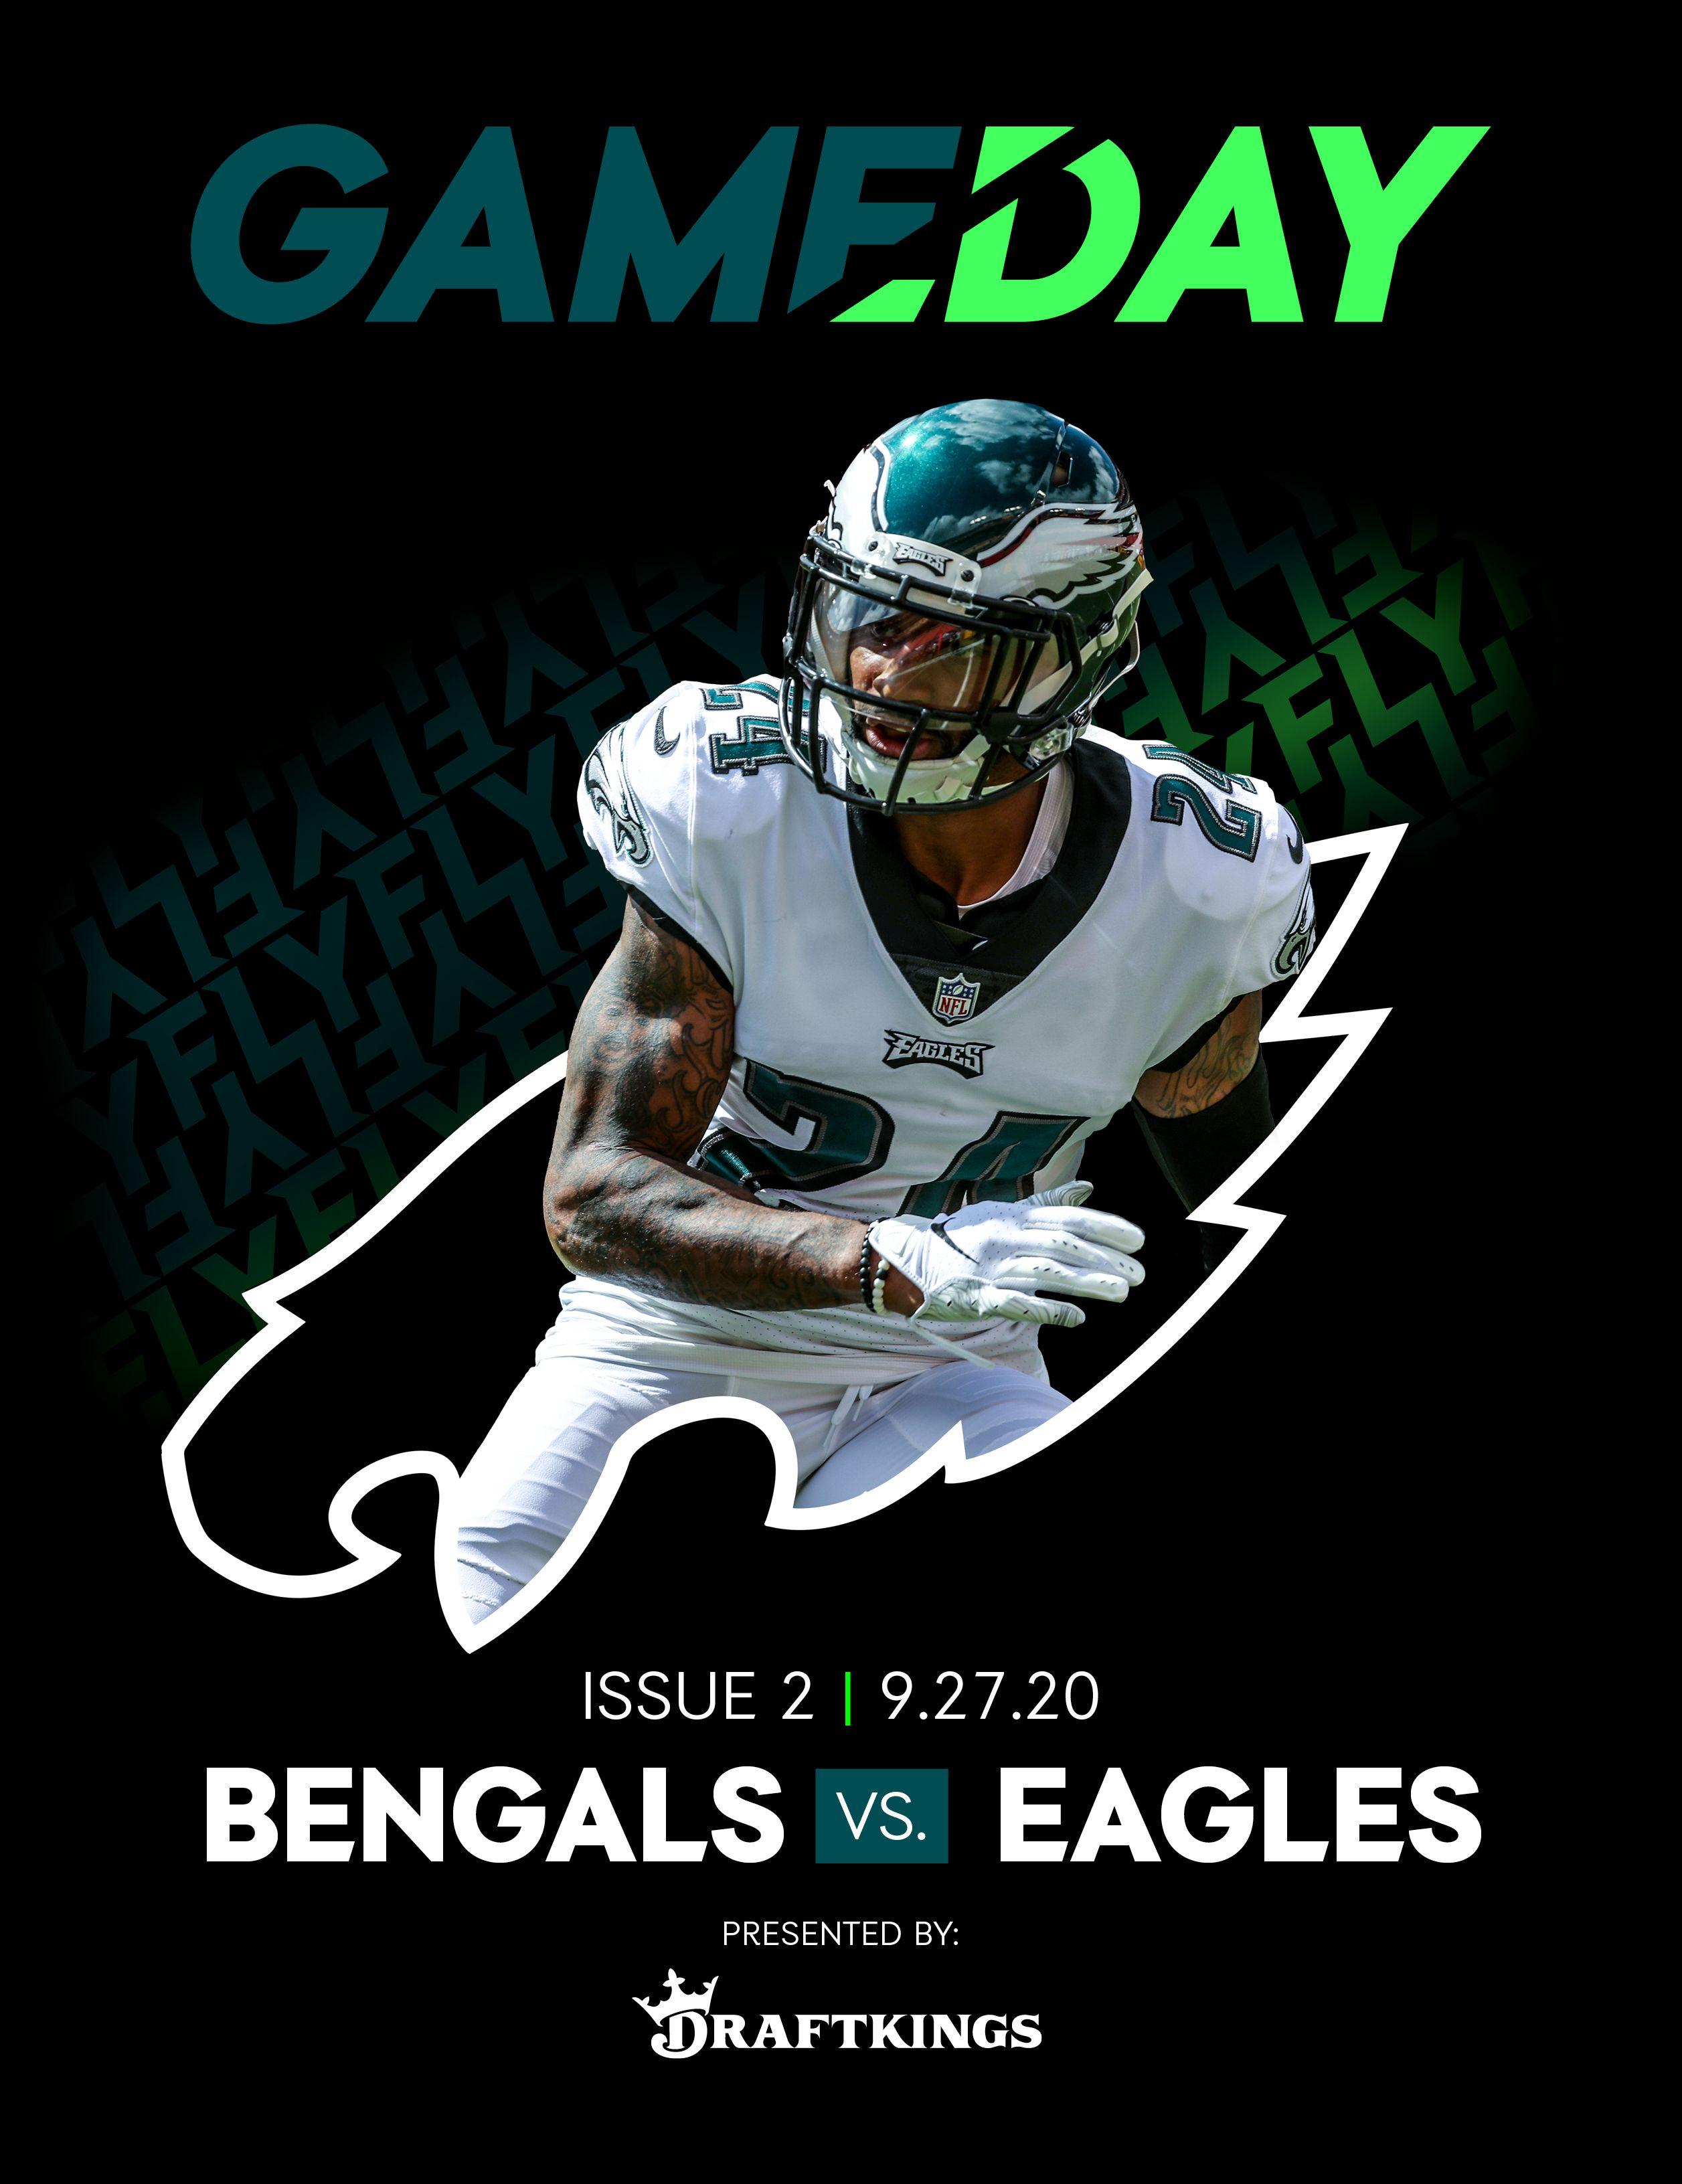 Bengals vs. Eagles